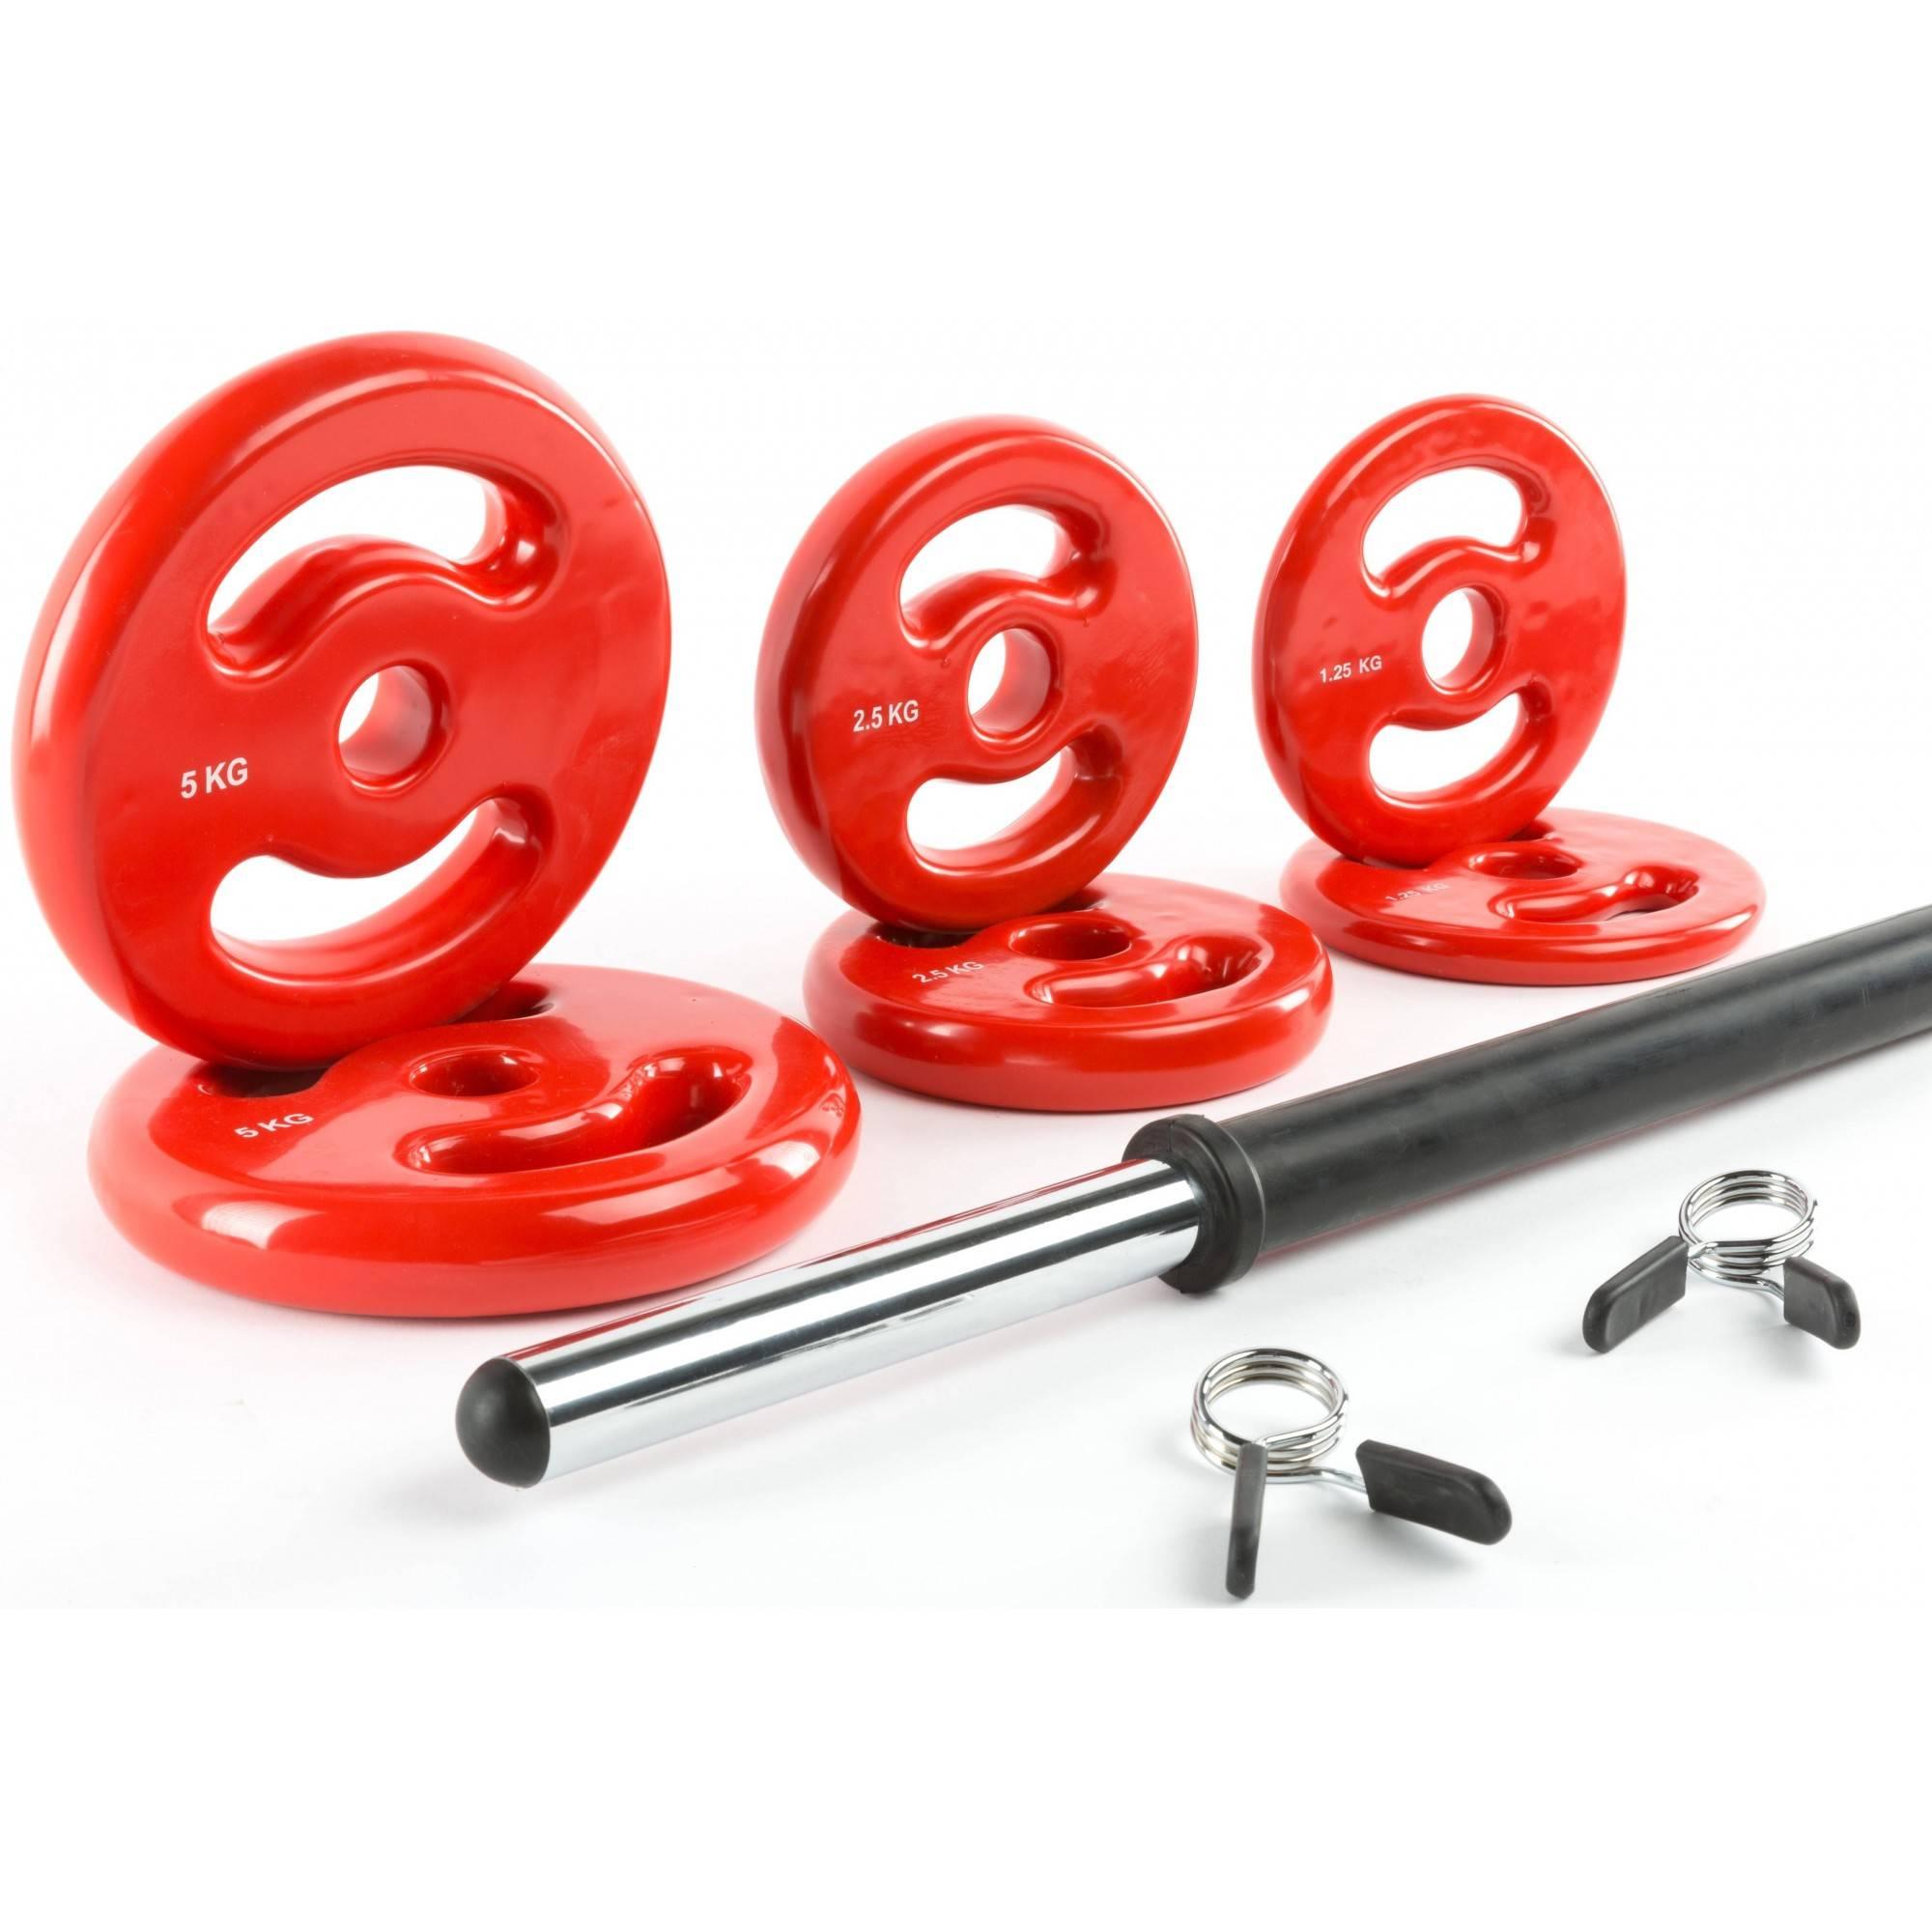 Zestaw do aerobiku fitness IFS BodyPump 18,5kg,producent: IRONSPORTS, zdjecie photo: 1   online shop klubfitness.pl   sprzęt spo